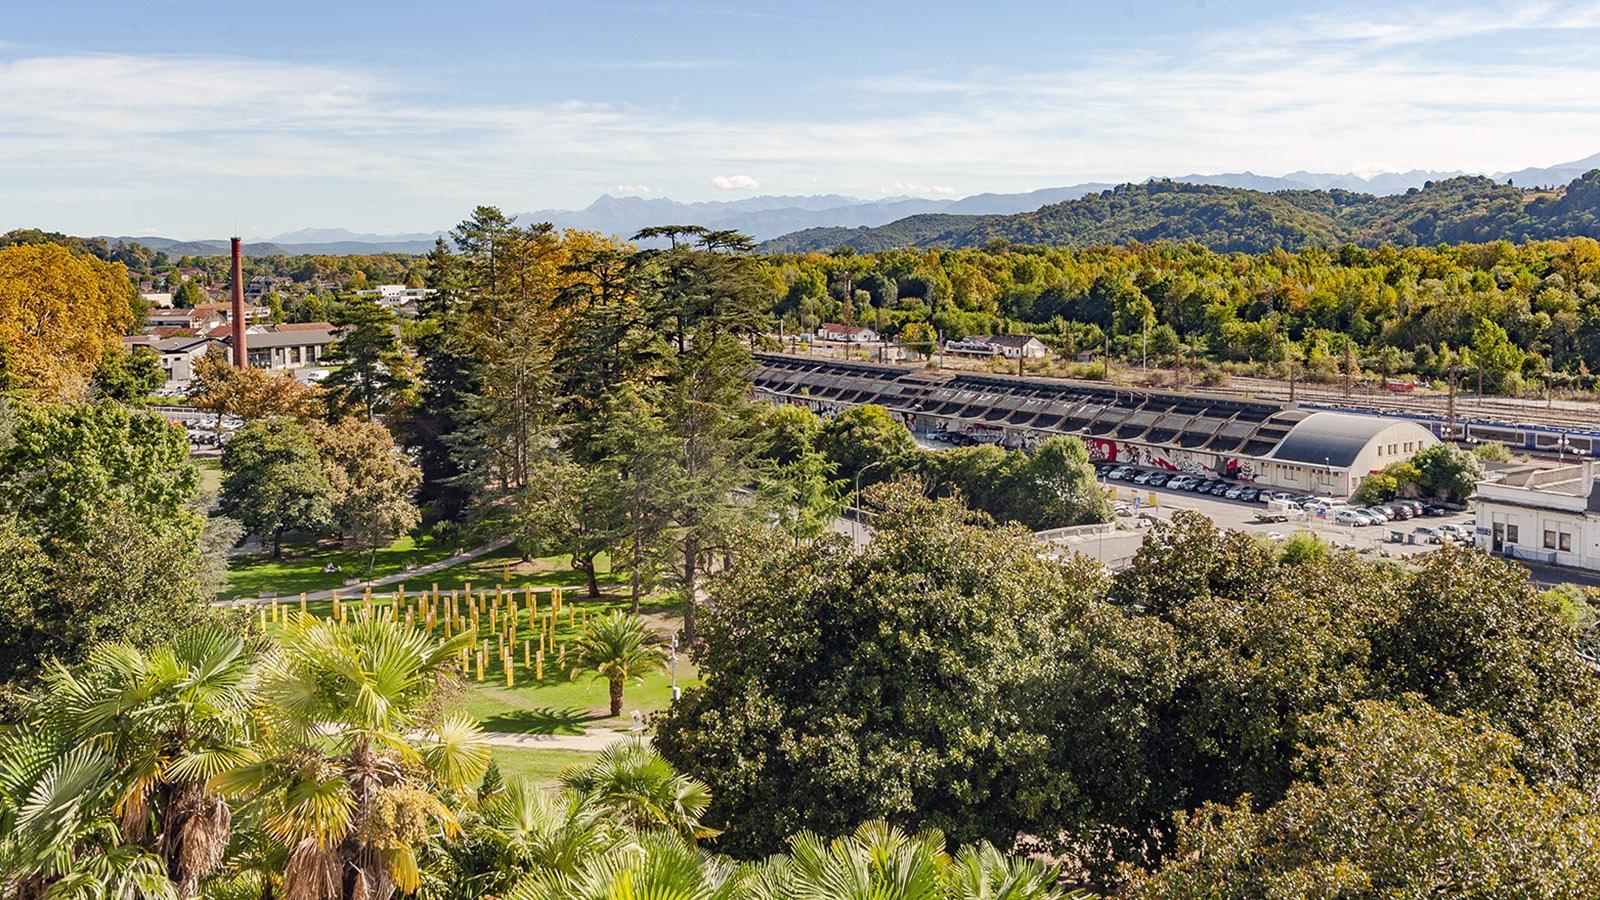 Pau: Blick auf die Pyrenäen und Parc Tissué im Tal. Foto: Hilke Maunder